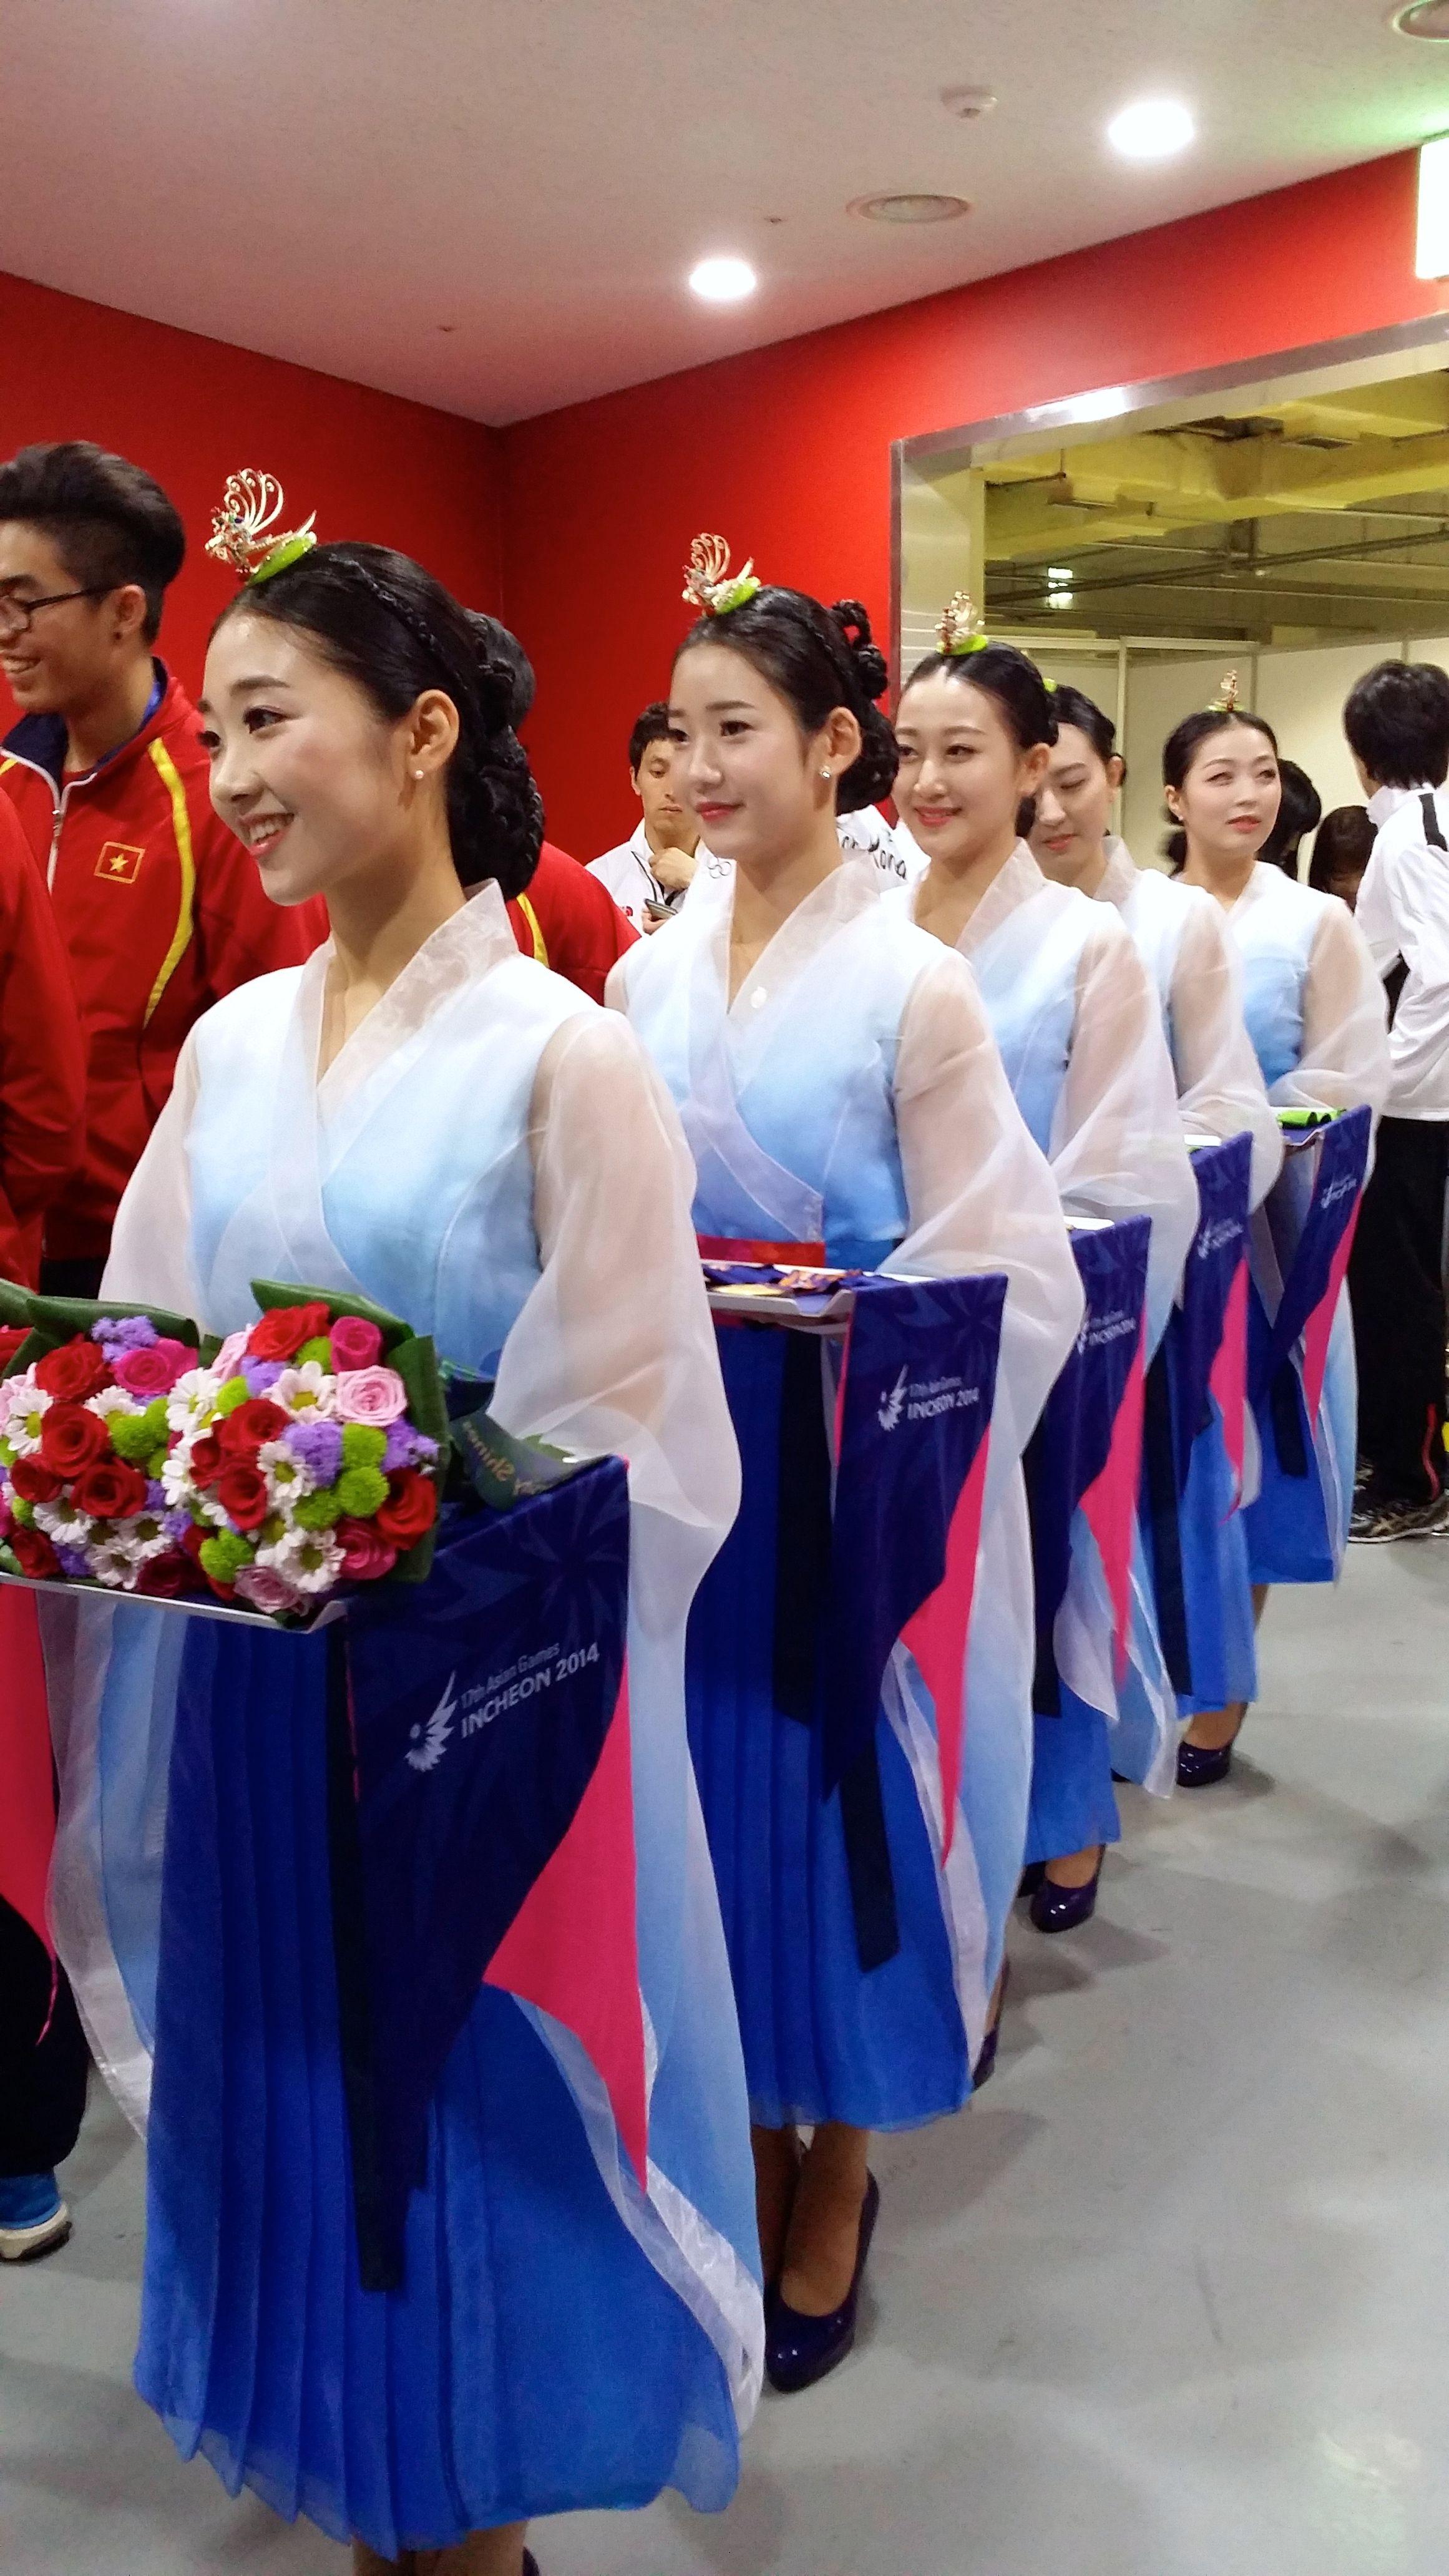 2014 Summer Asian Games